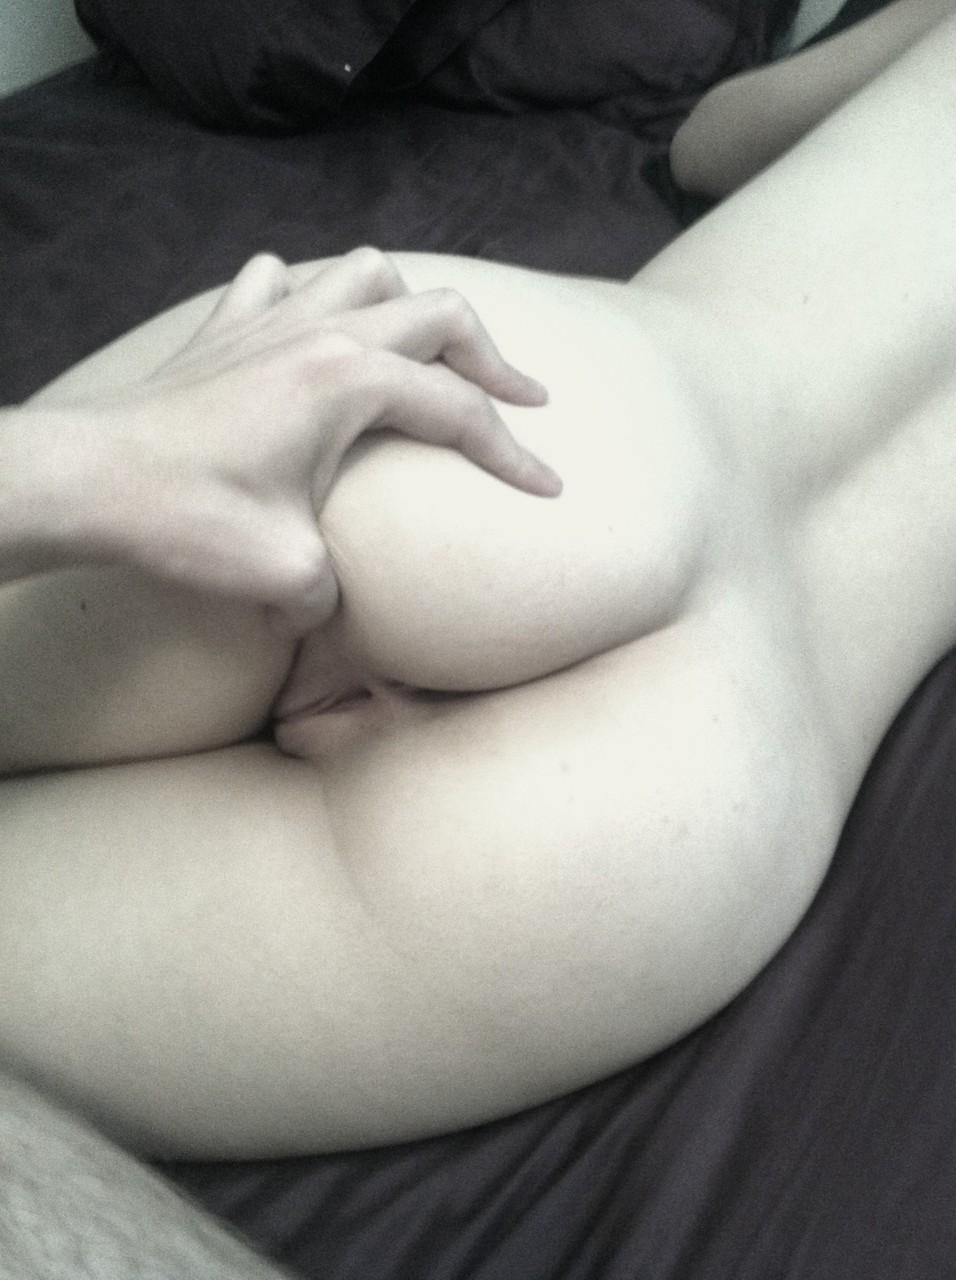 image sexe de fille chaude dans le 43 pour sexe hot